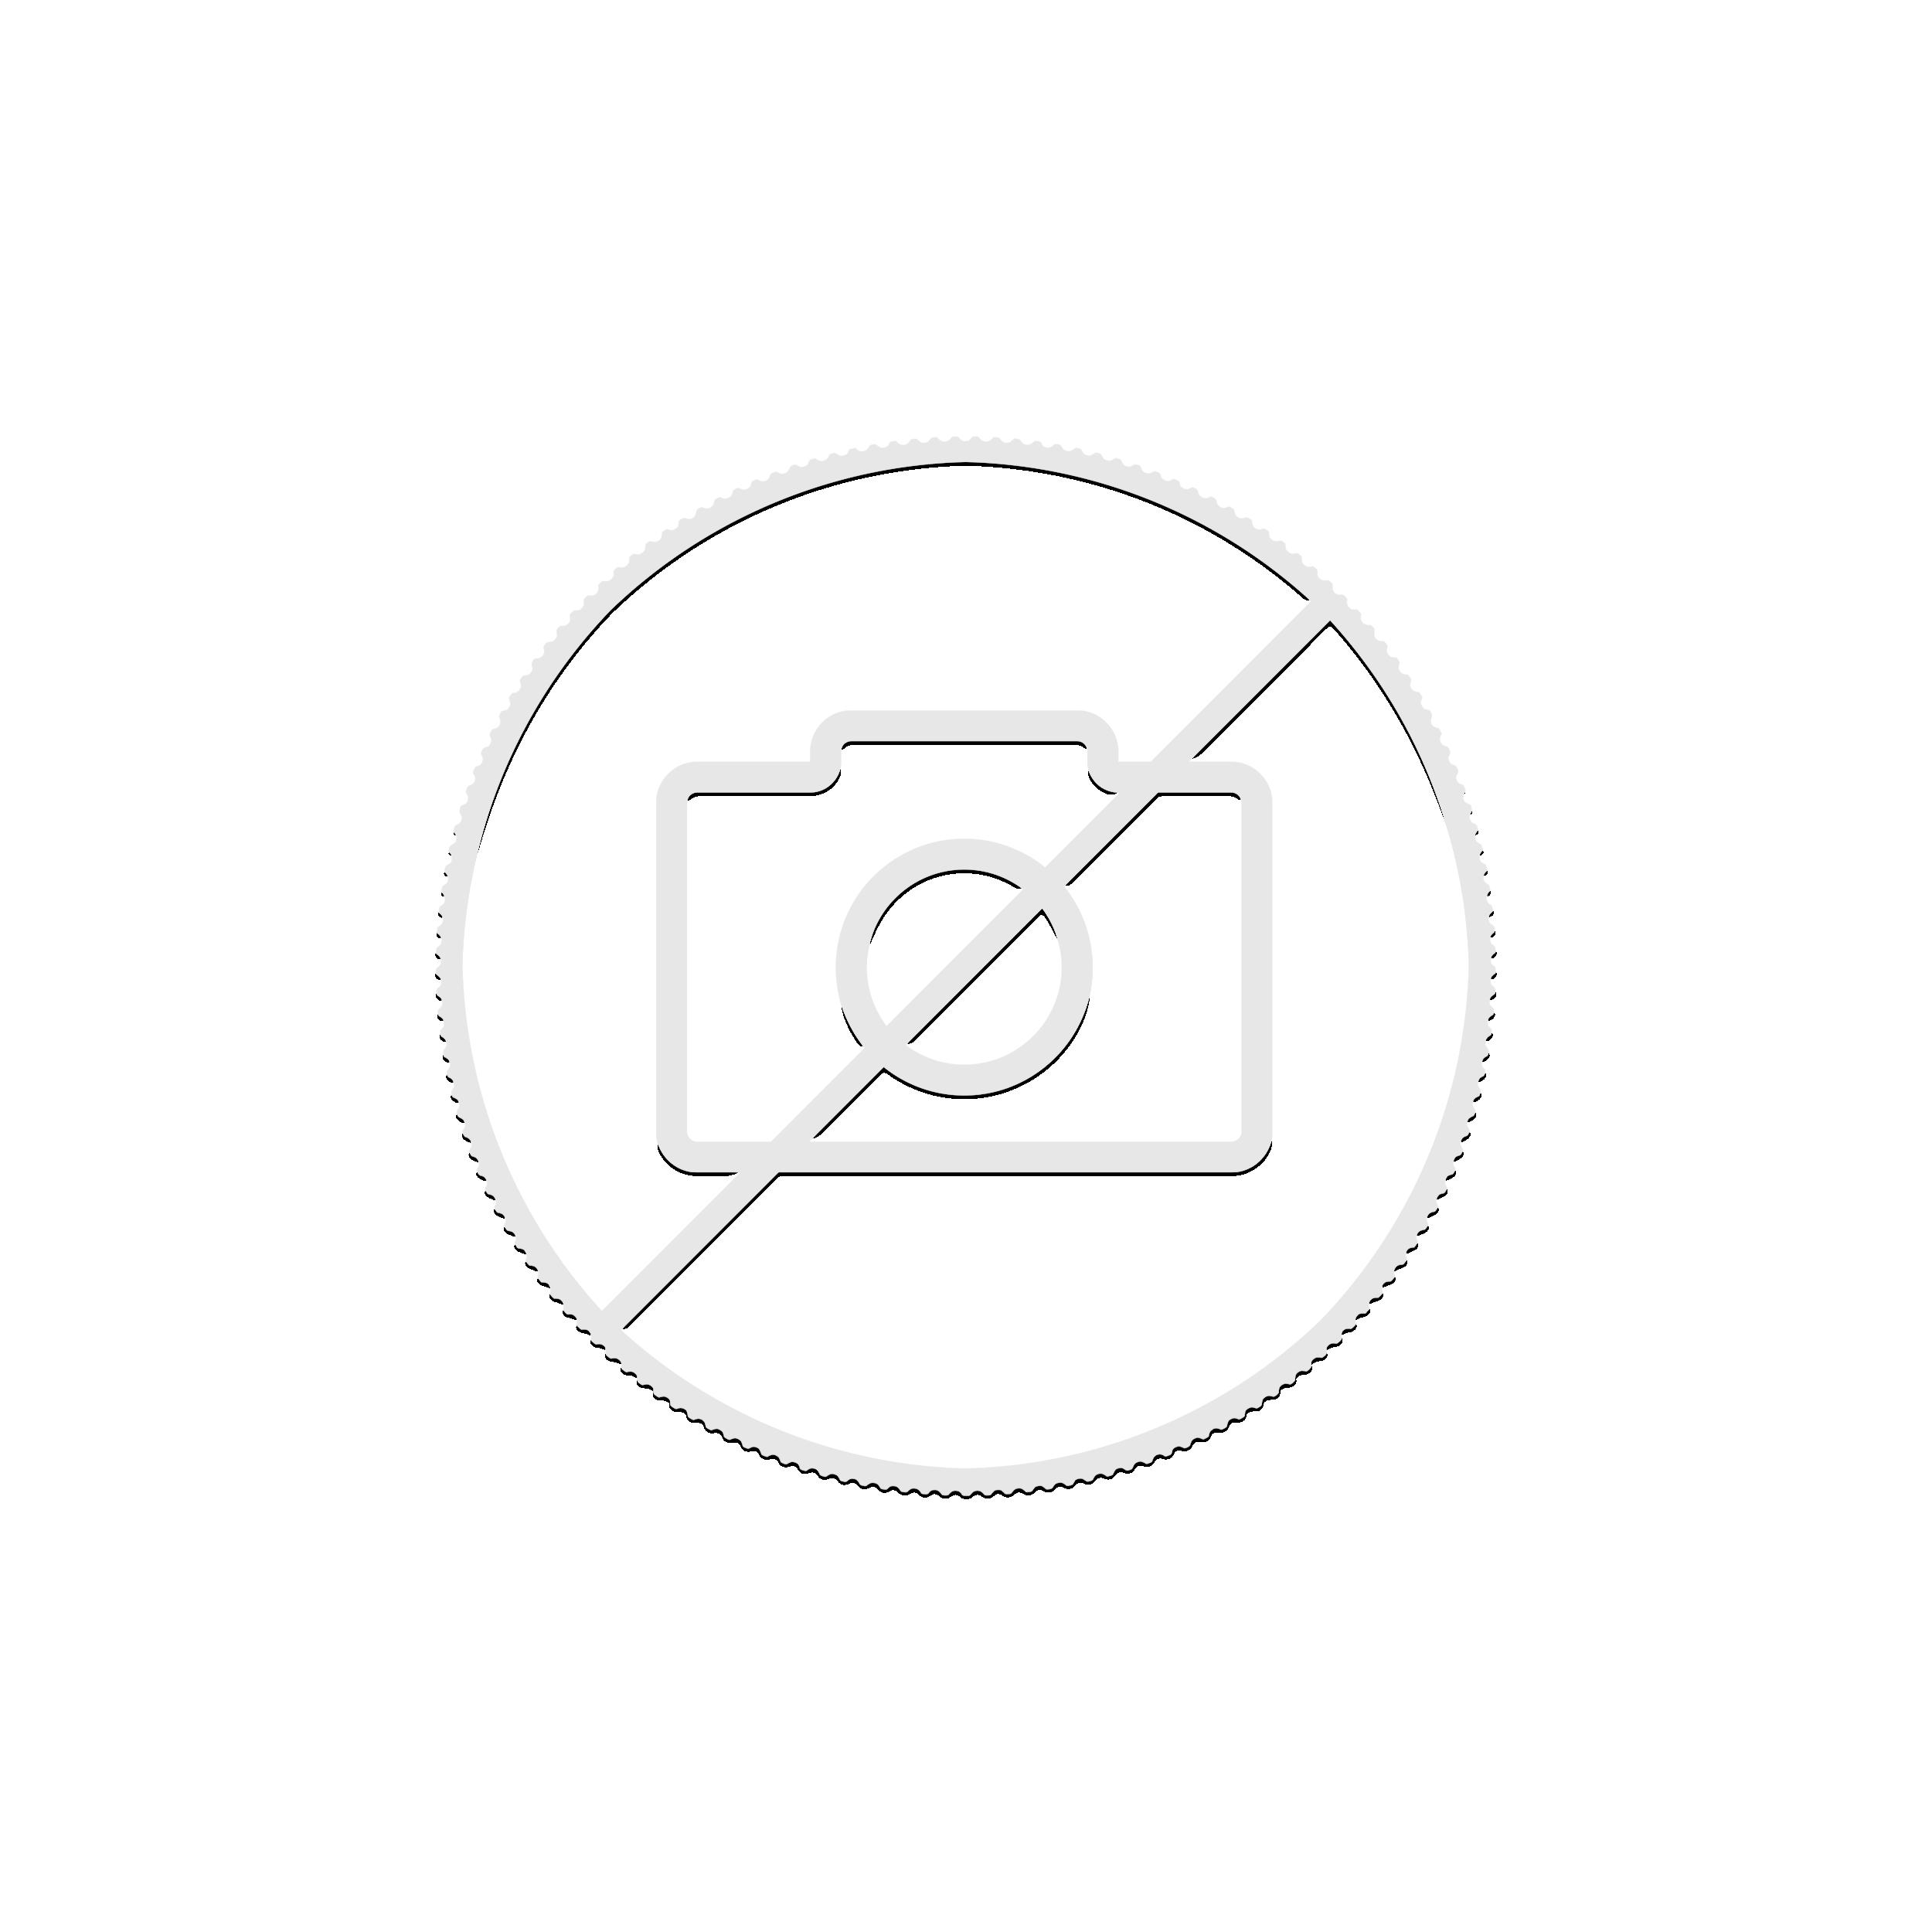 8 Grams gold coin Panda 2018